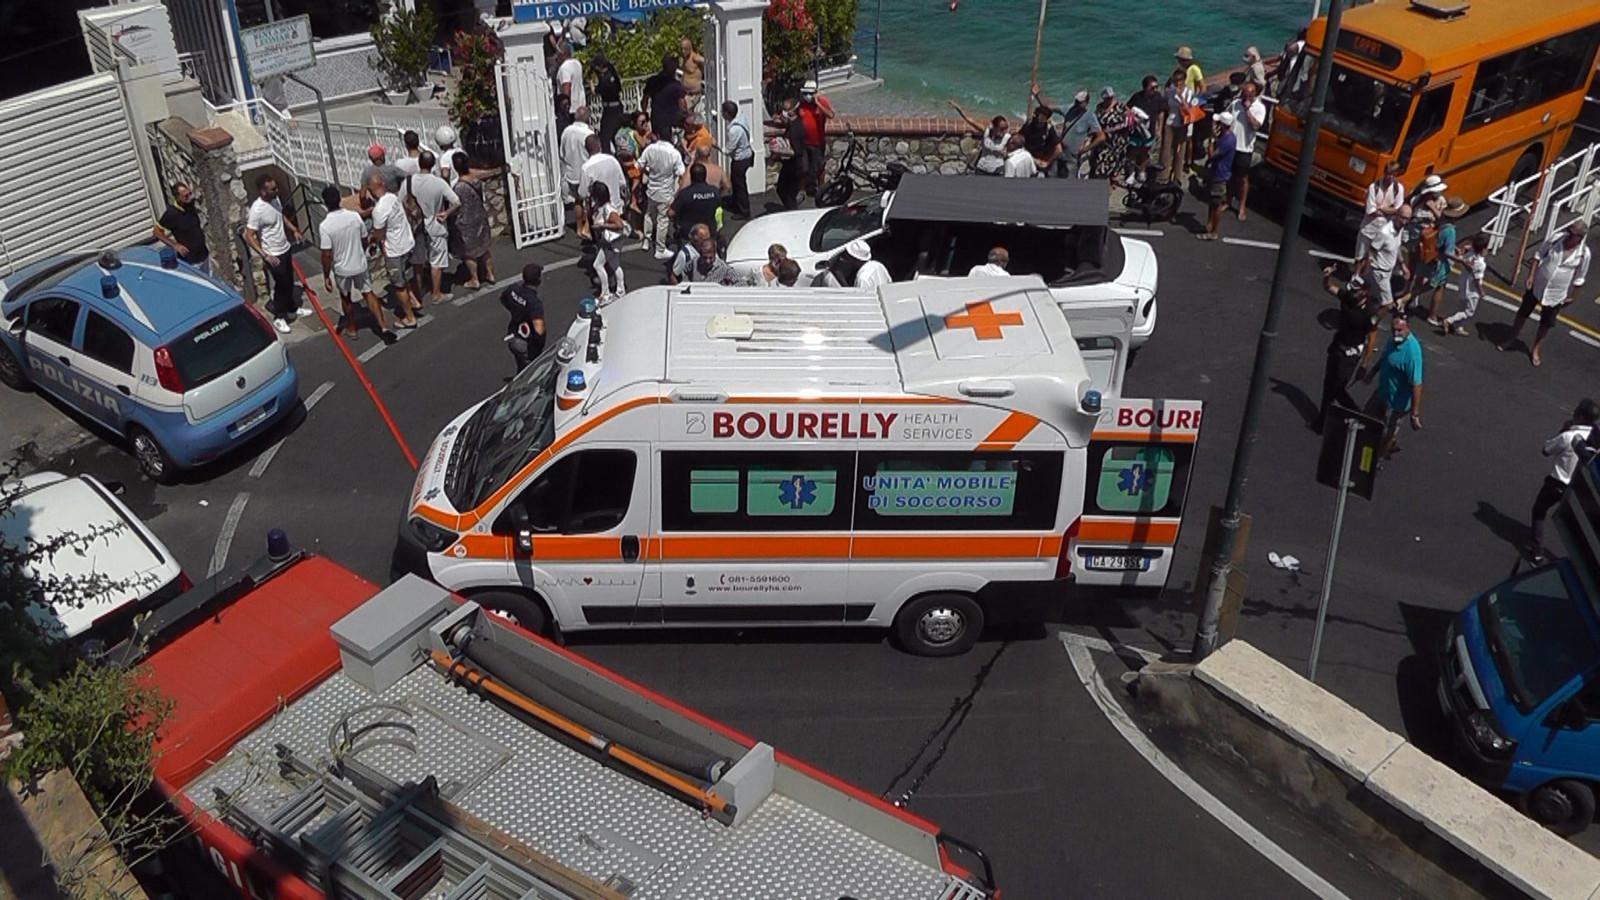 Vier van de gewonden, waaronder een jongetje, zijn er slecht aan toe.